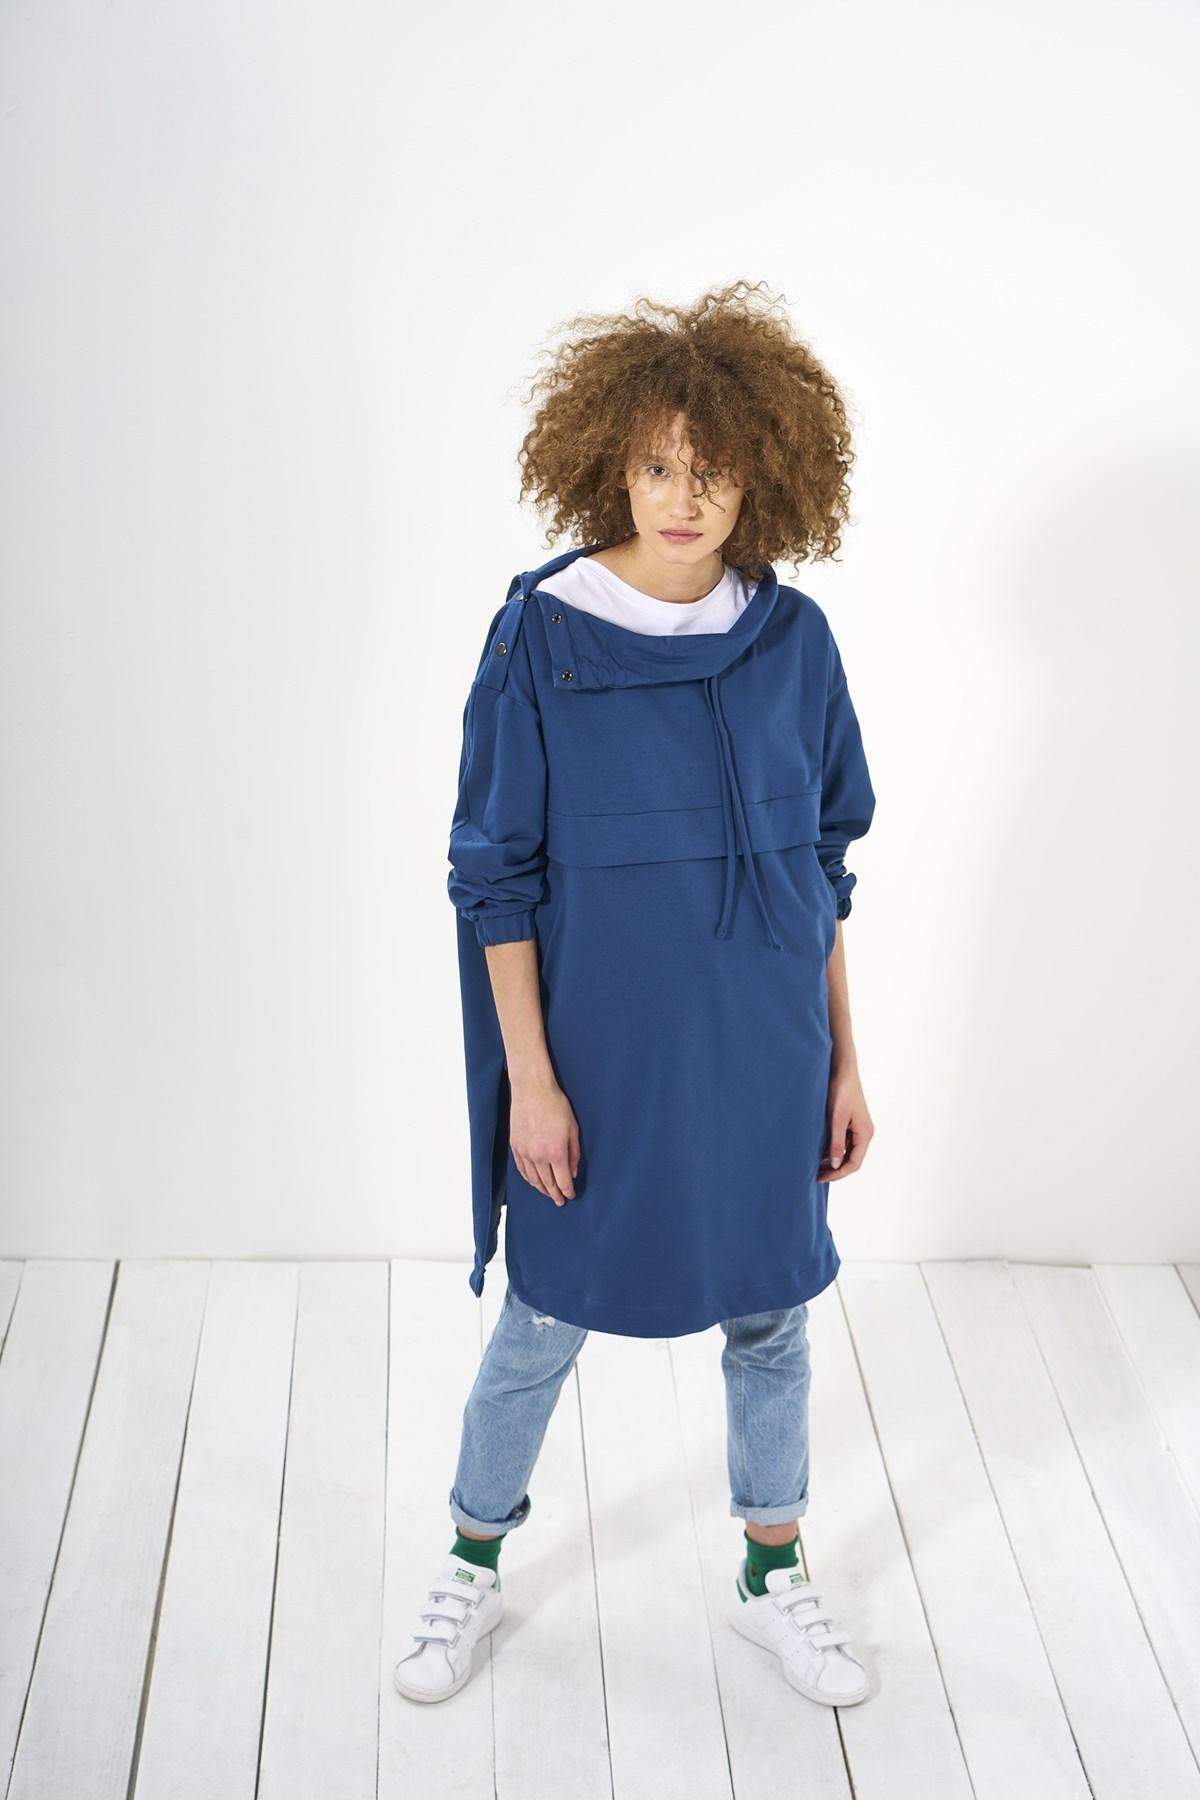 Mevra - Beli Sweatshirt Uzun